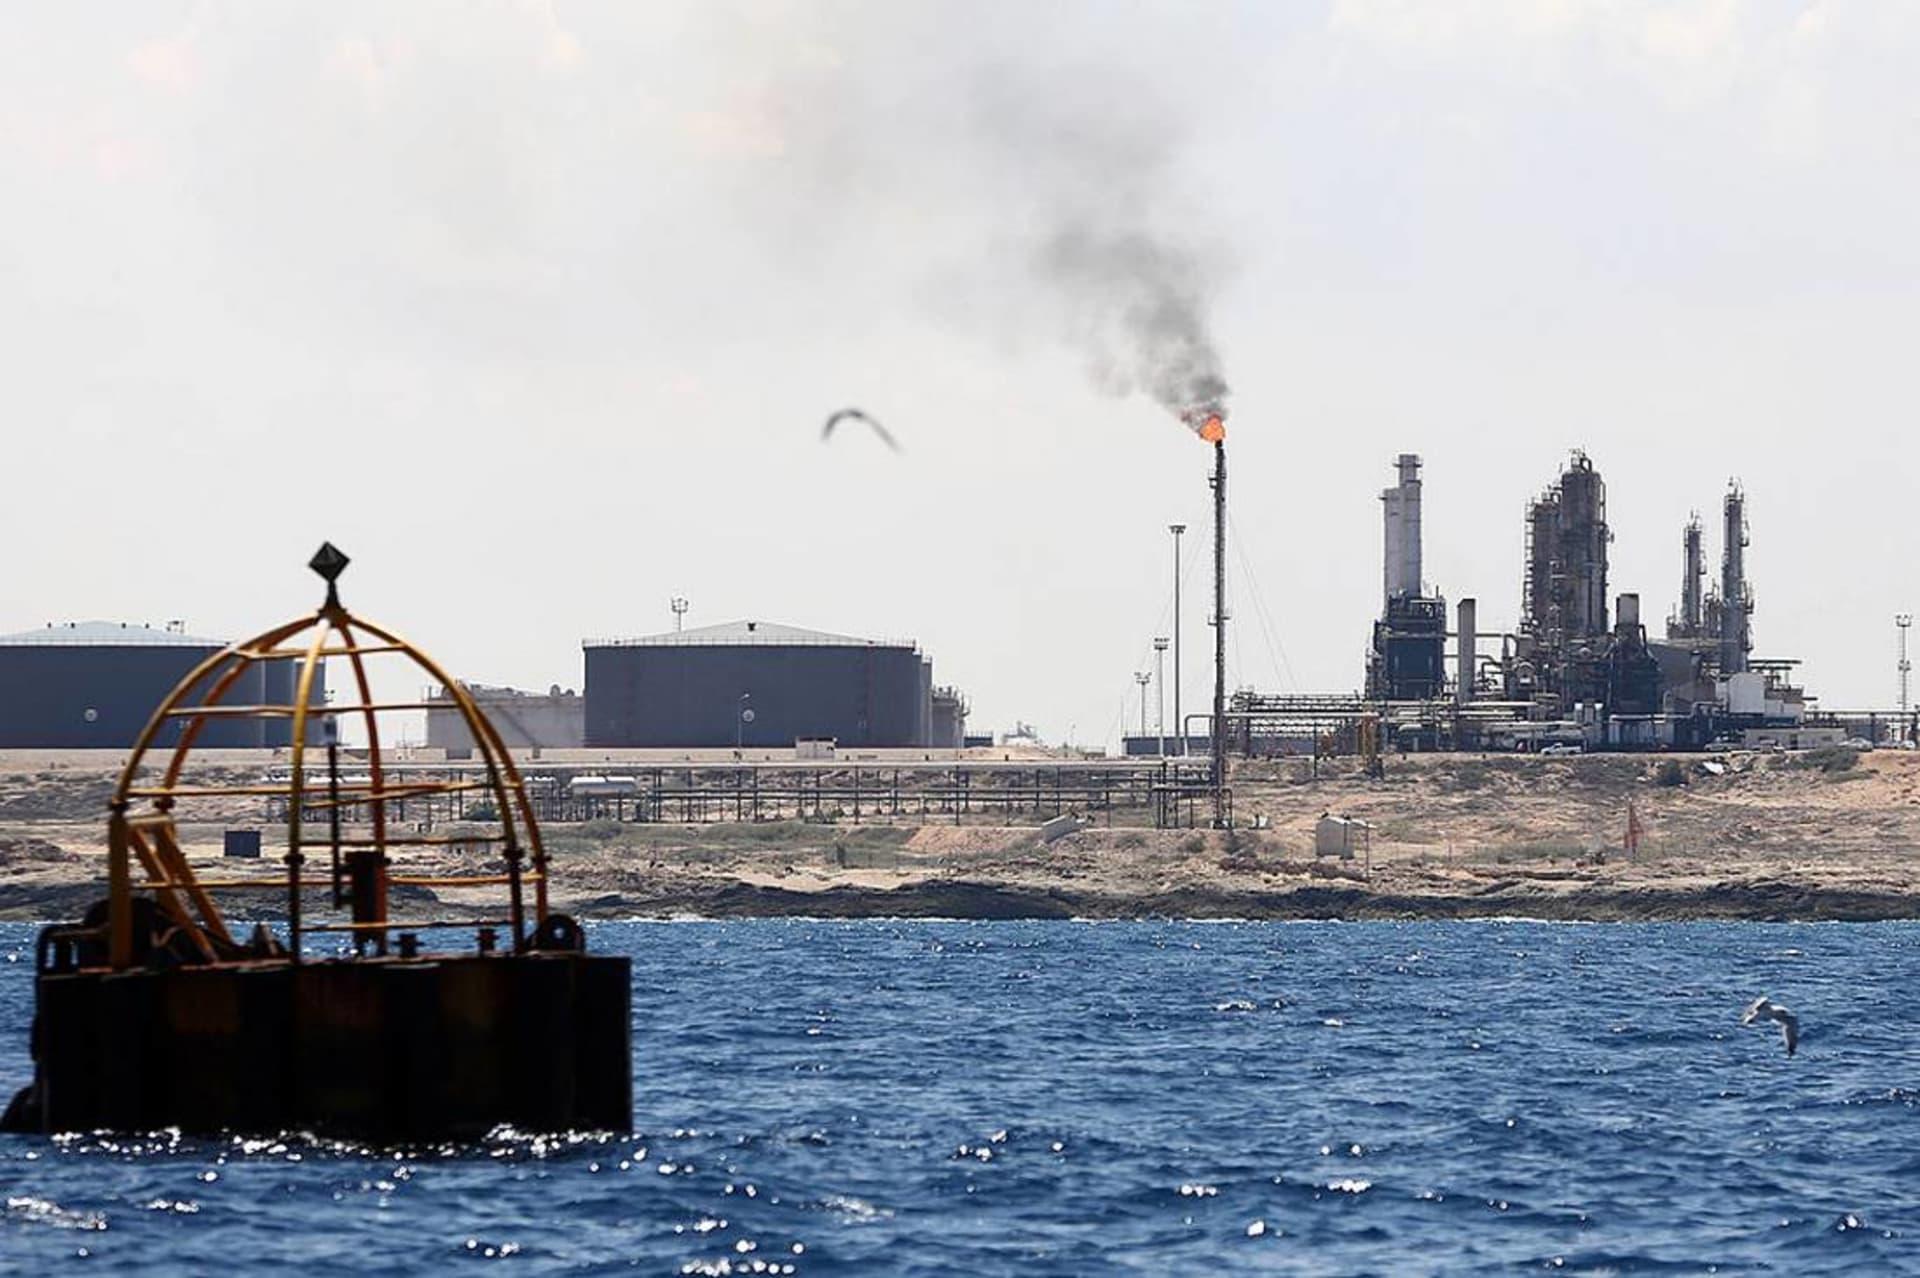 مجلس النواب الليبي: استعادة قوات حفتر للهلال النفطي أتت بتفويض من الشعب